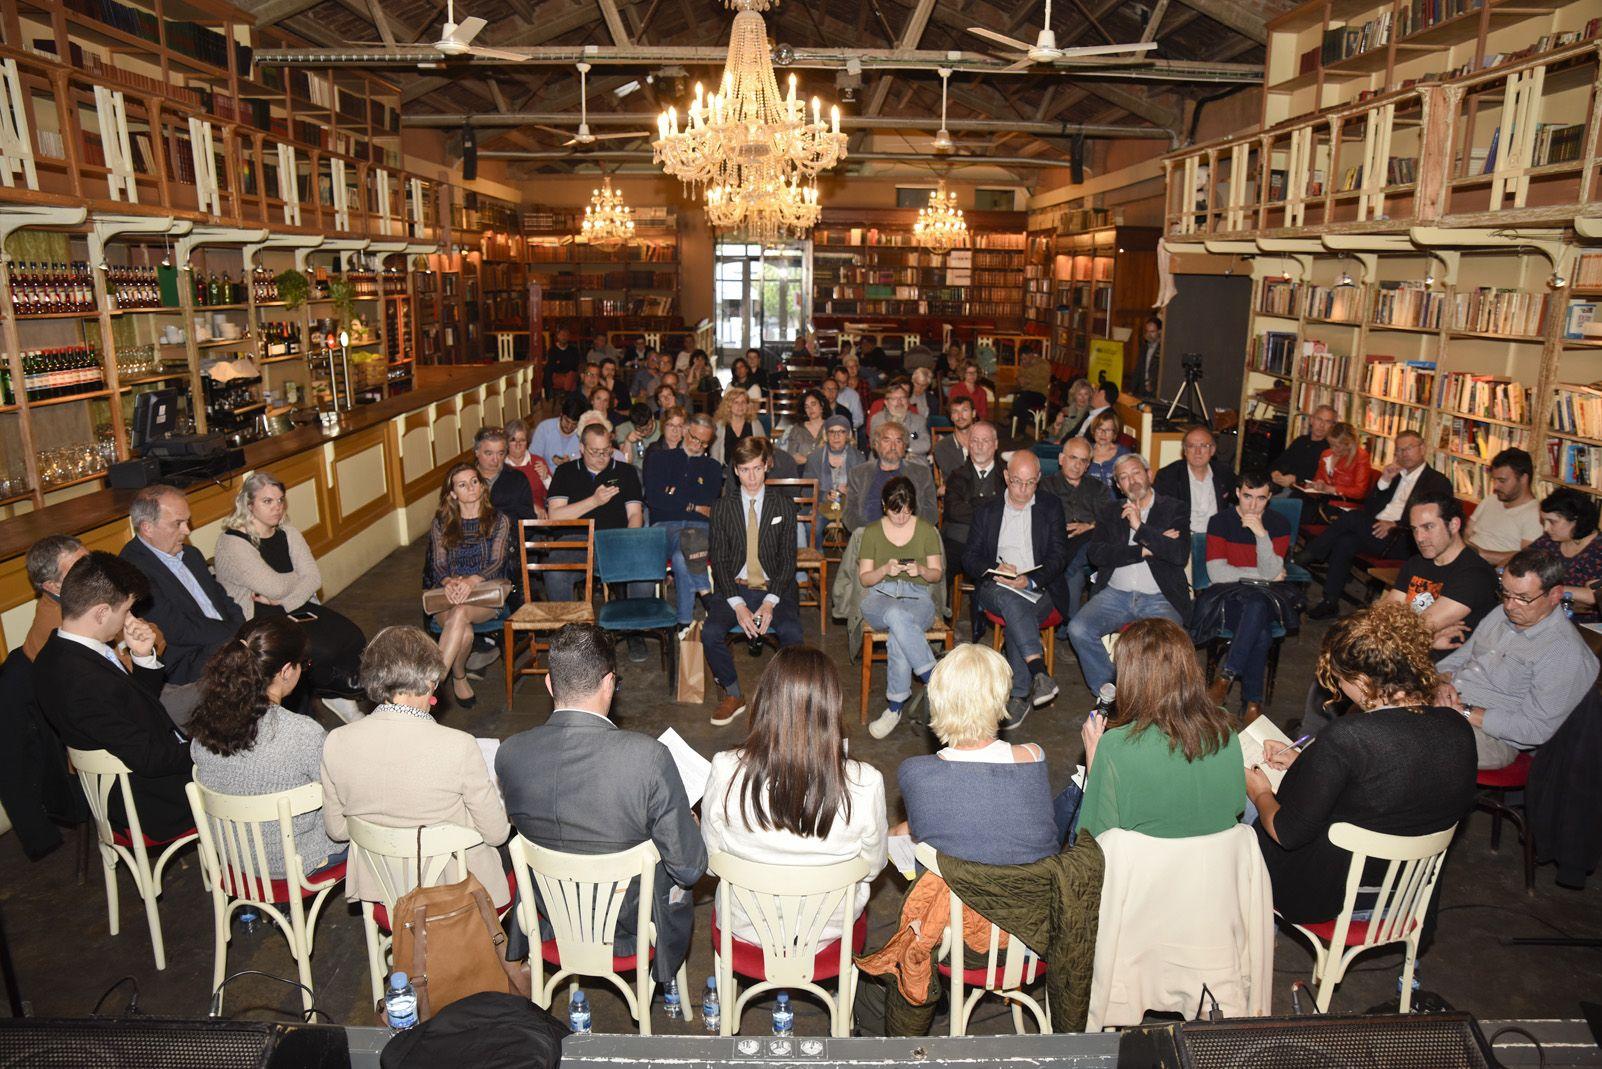 4t Debat Electoral: Equipaments. Foto: Bernat Millet.